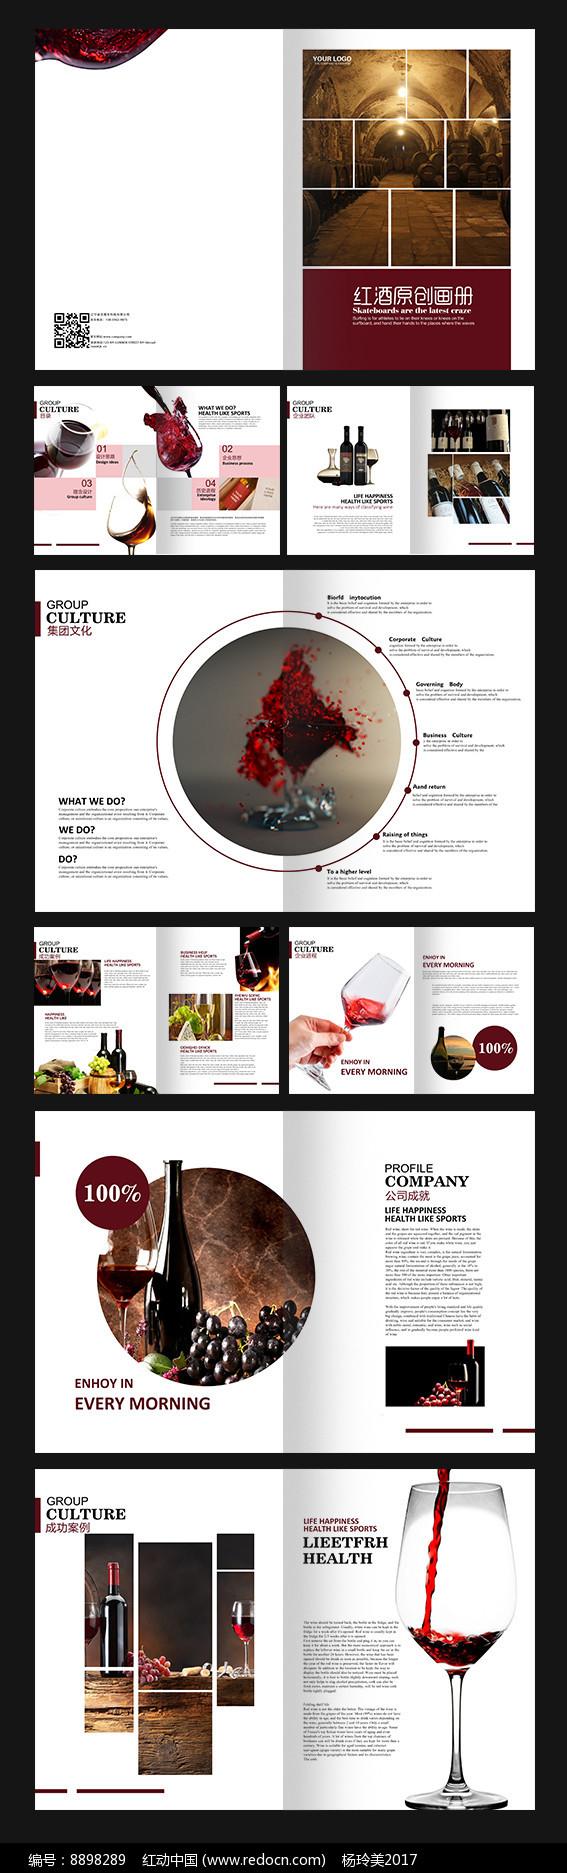 企业红酒通用画册图片